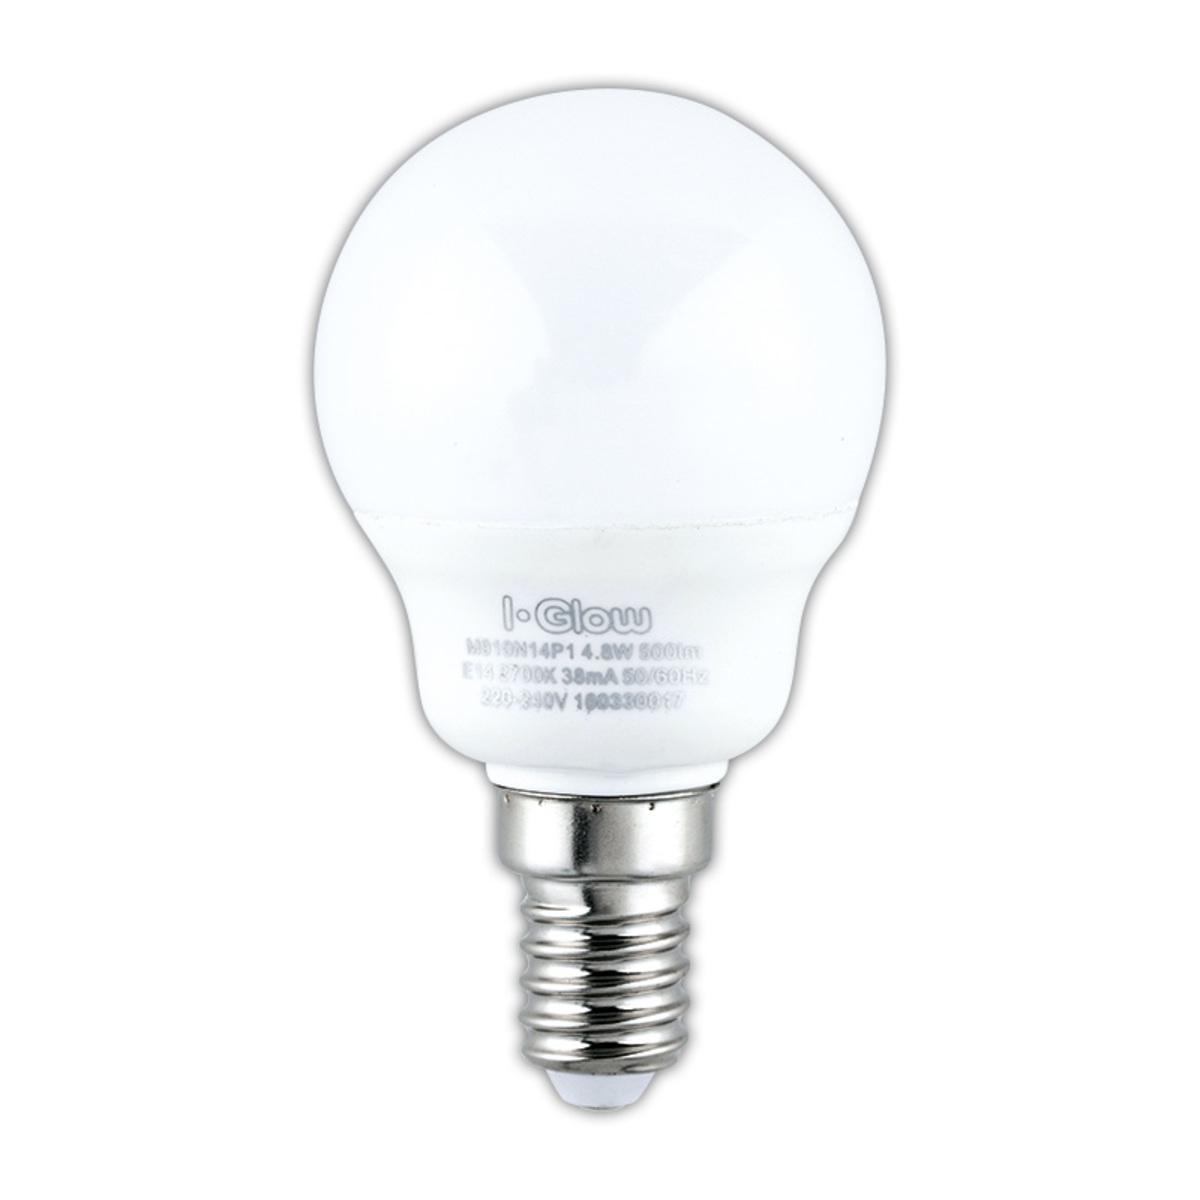 Bild 4 von I-Glow LED-Leuchtmittel